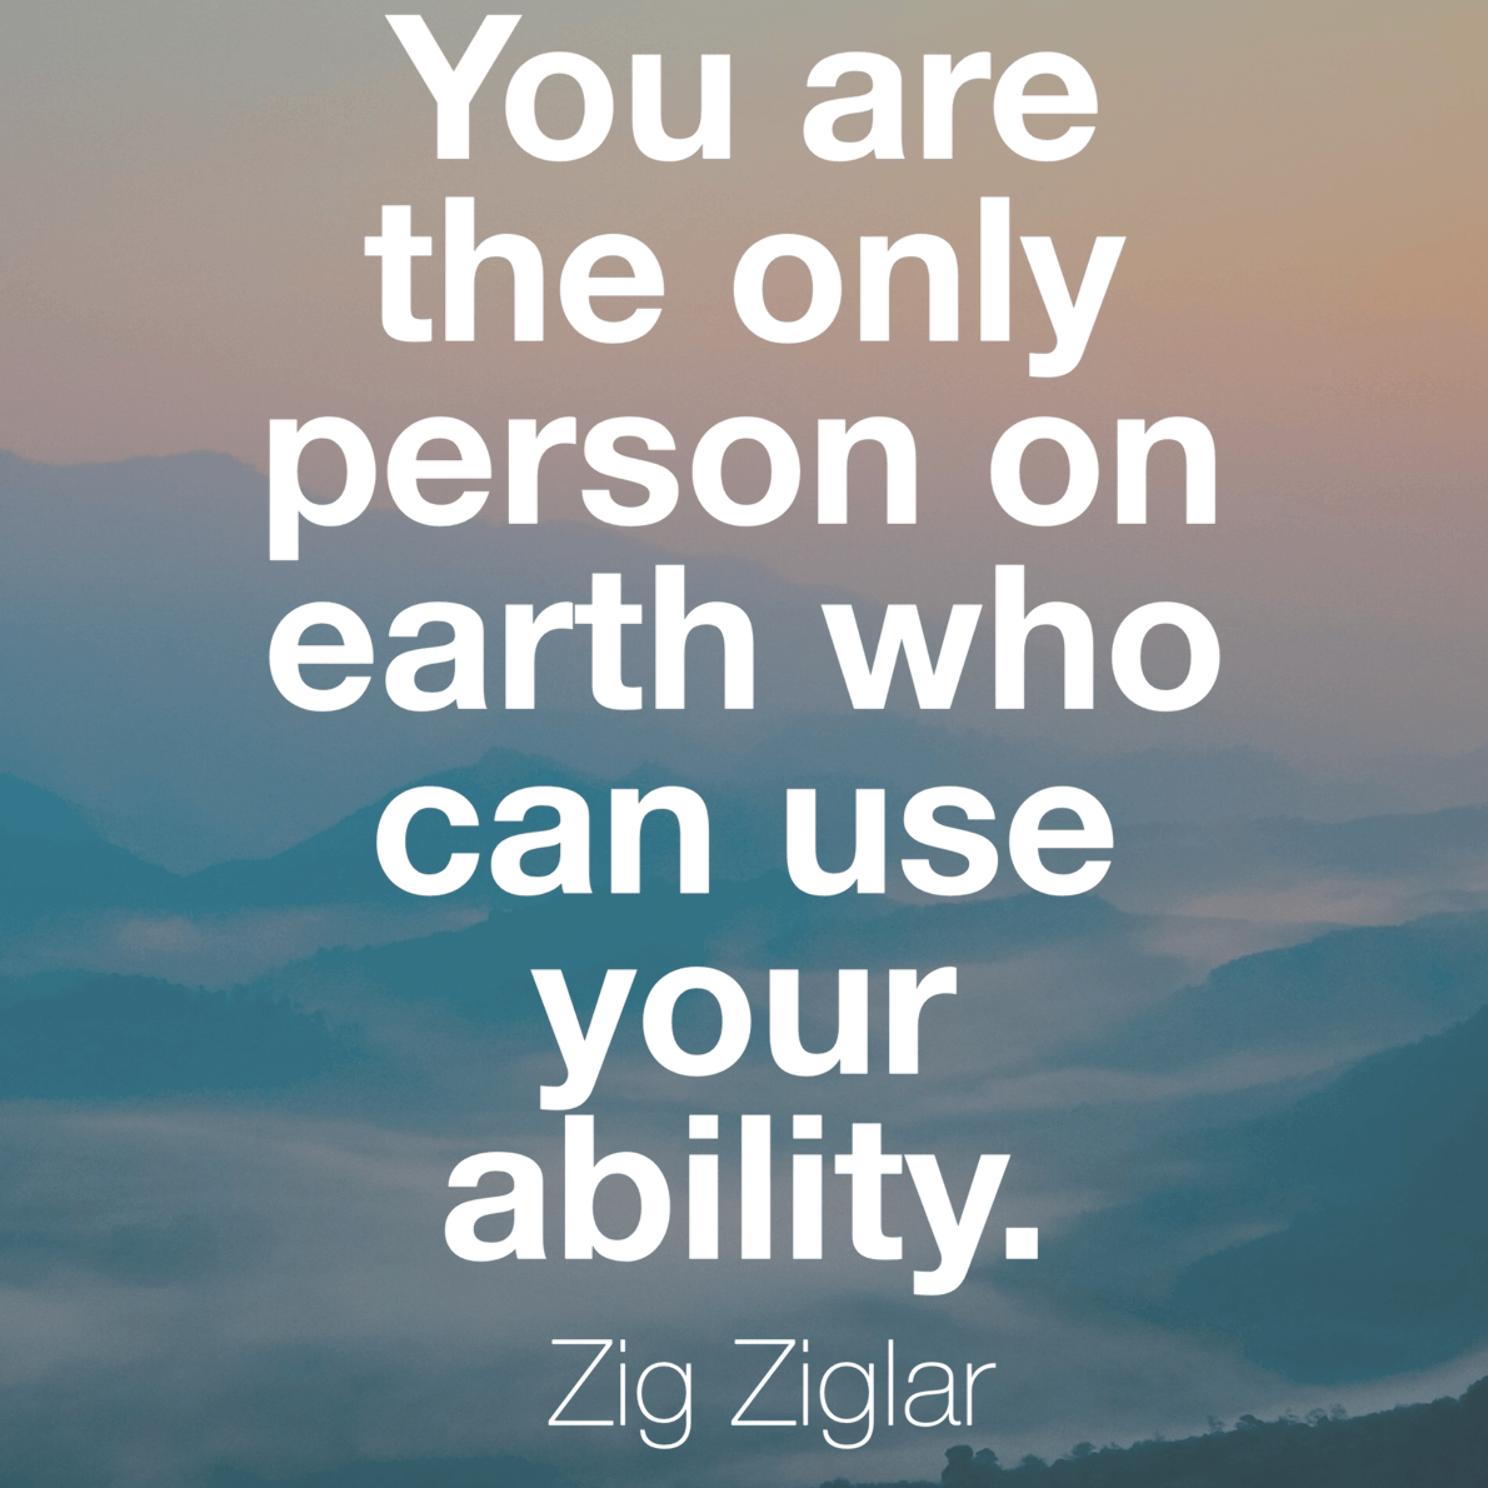 4 Motivational Zig Ziglar Quotes  Zig ziglar, Zig ziglar quotes